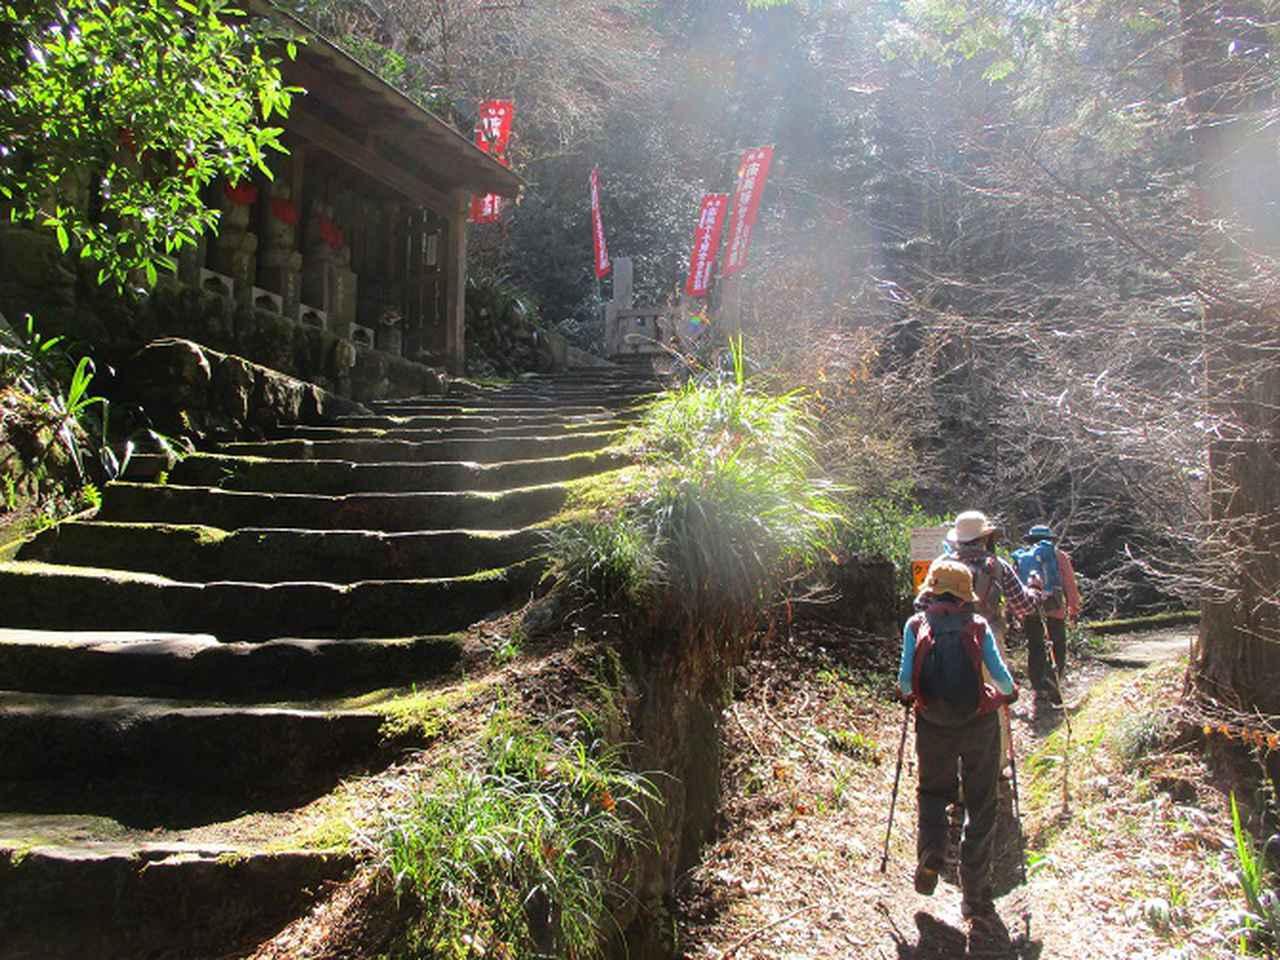 画像4: 3月3日に山旅会 堂上セツブンソウと破風山 のツアーに行ってきました!